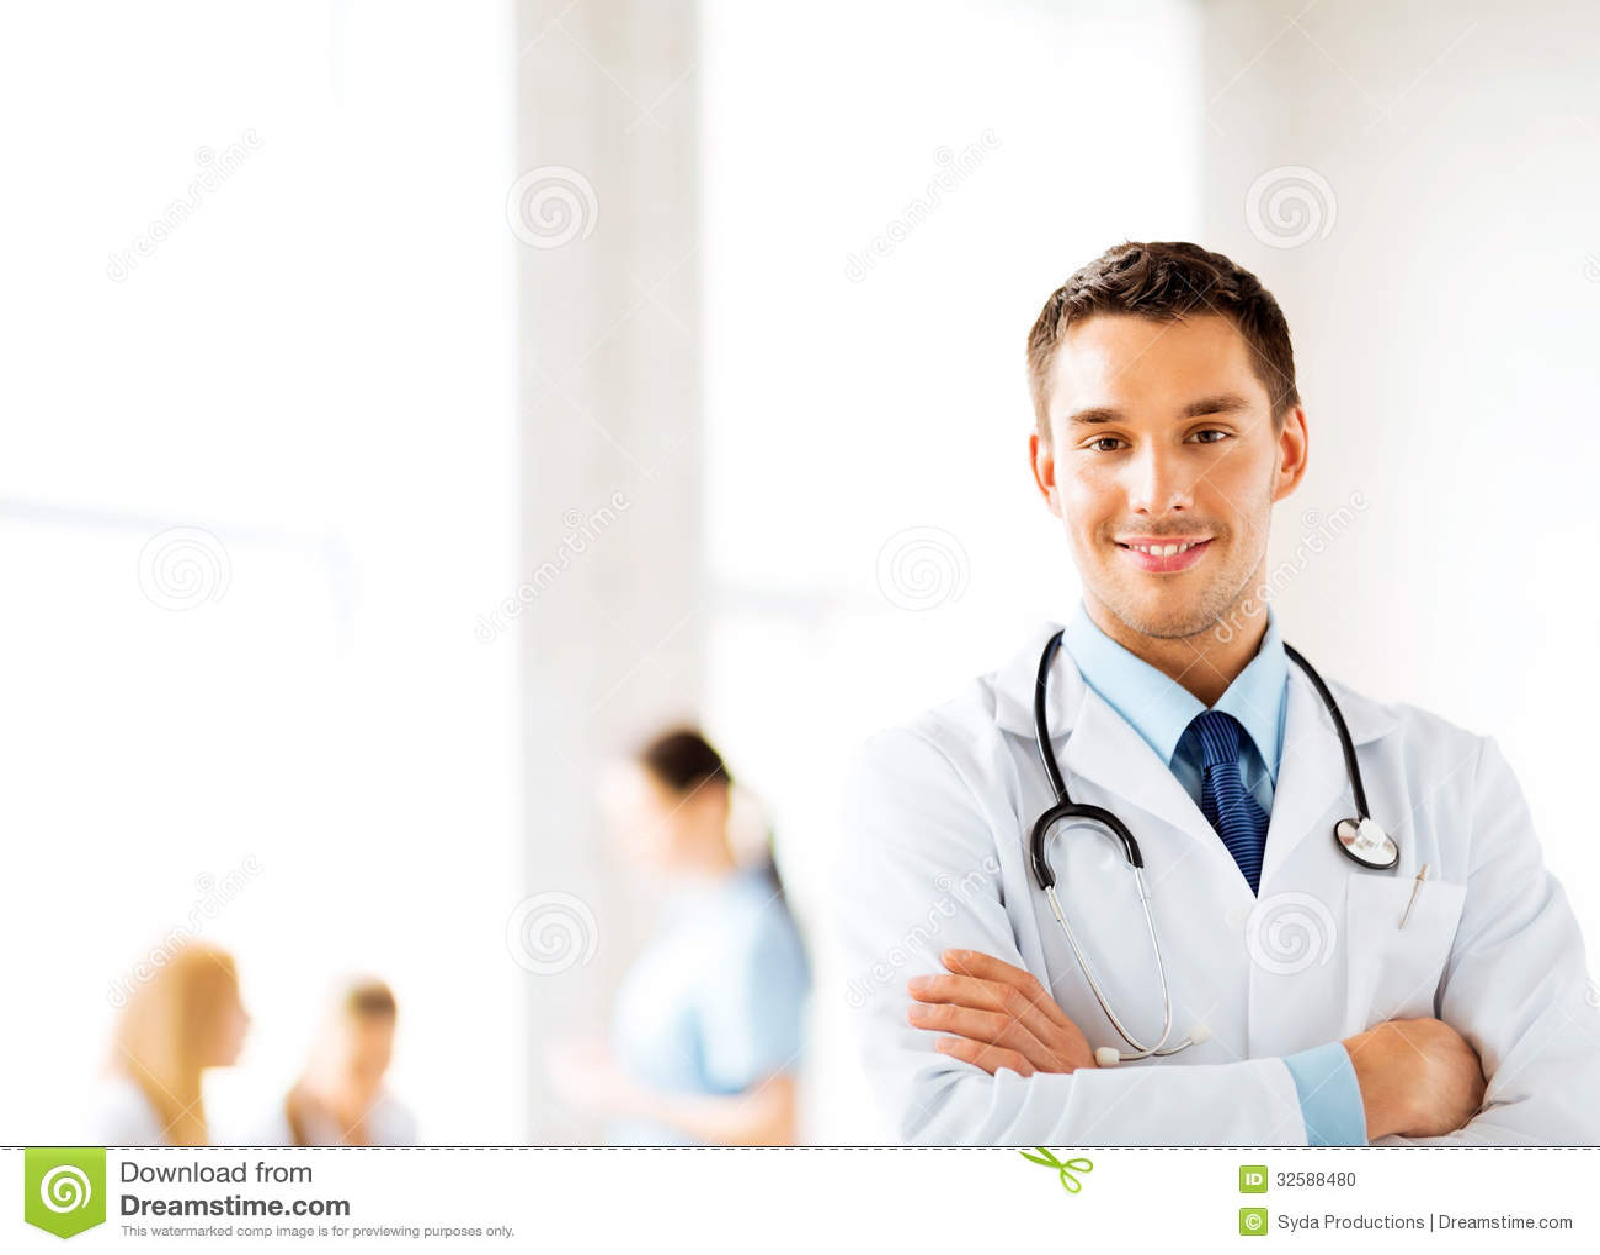 muzhskoy-intimniy-doktor